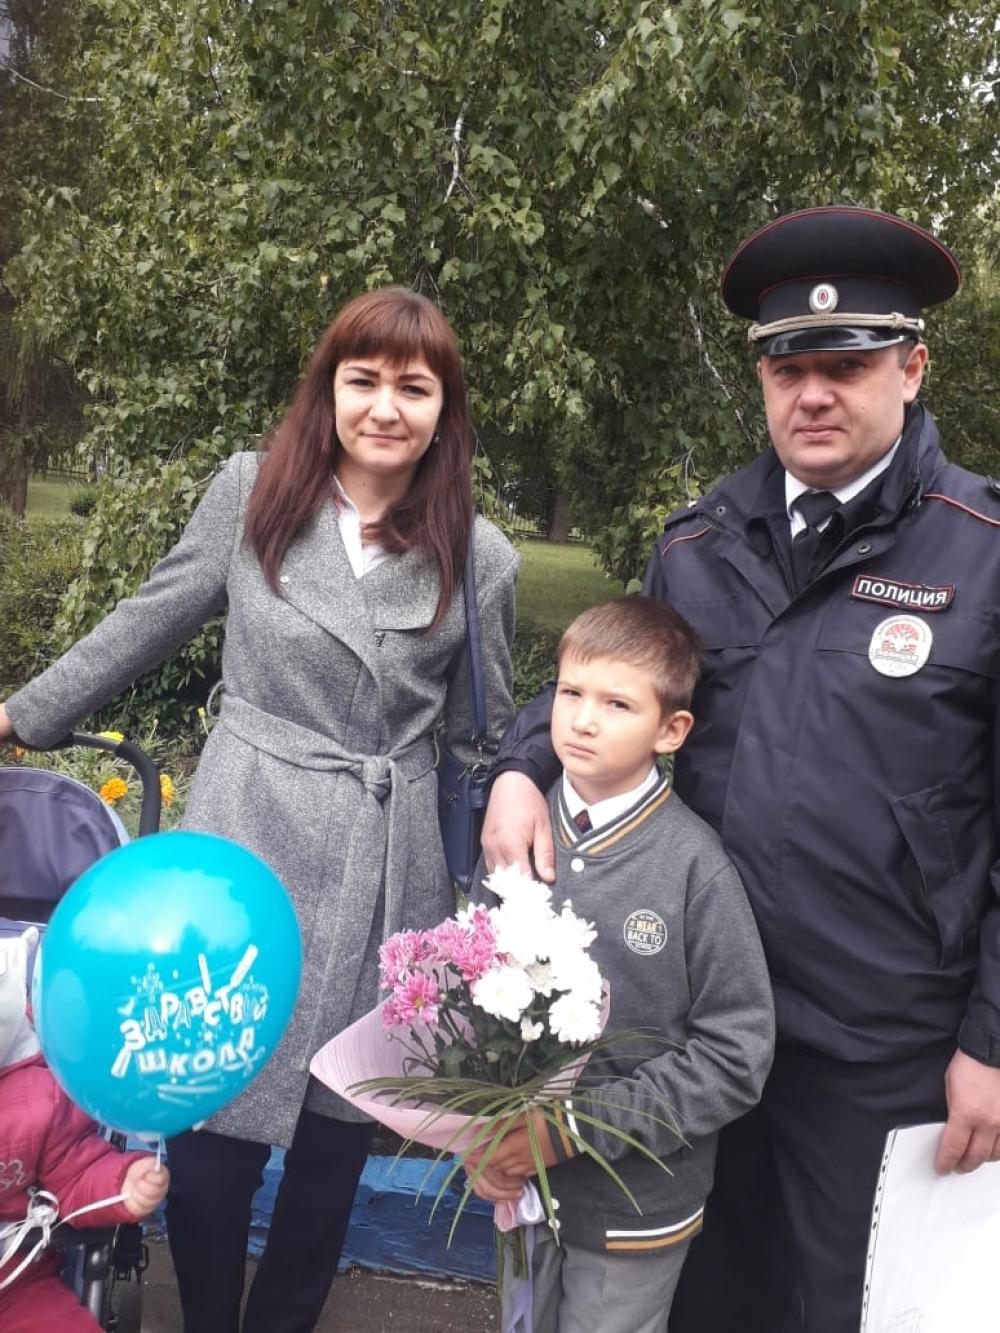 Полицейский с семьёй.